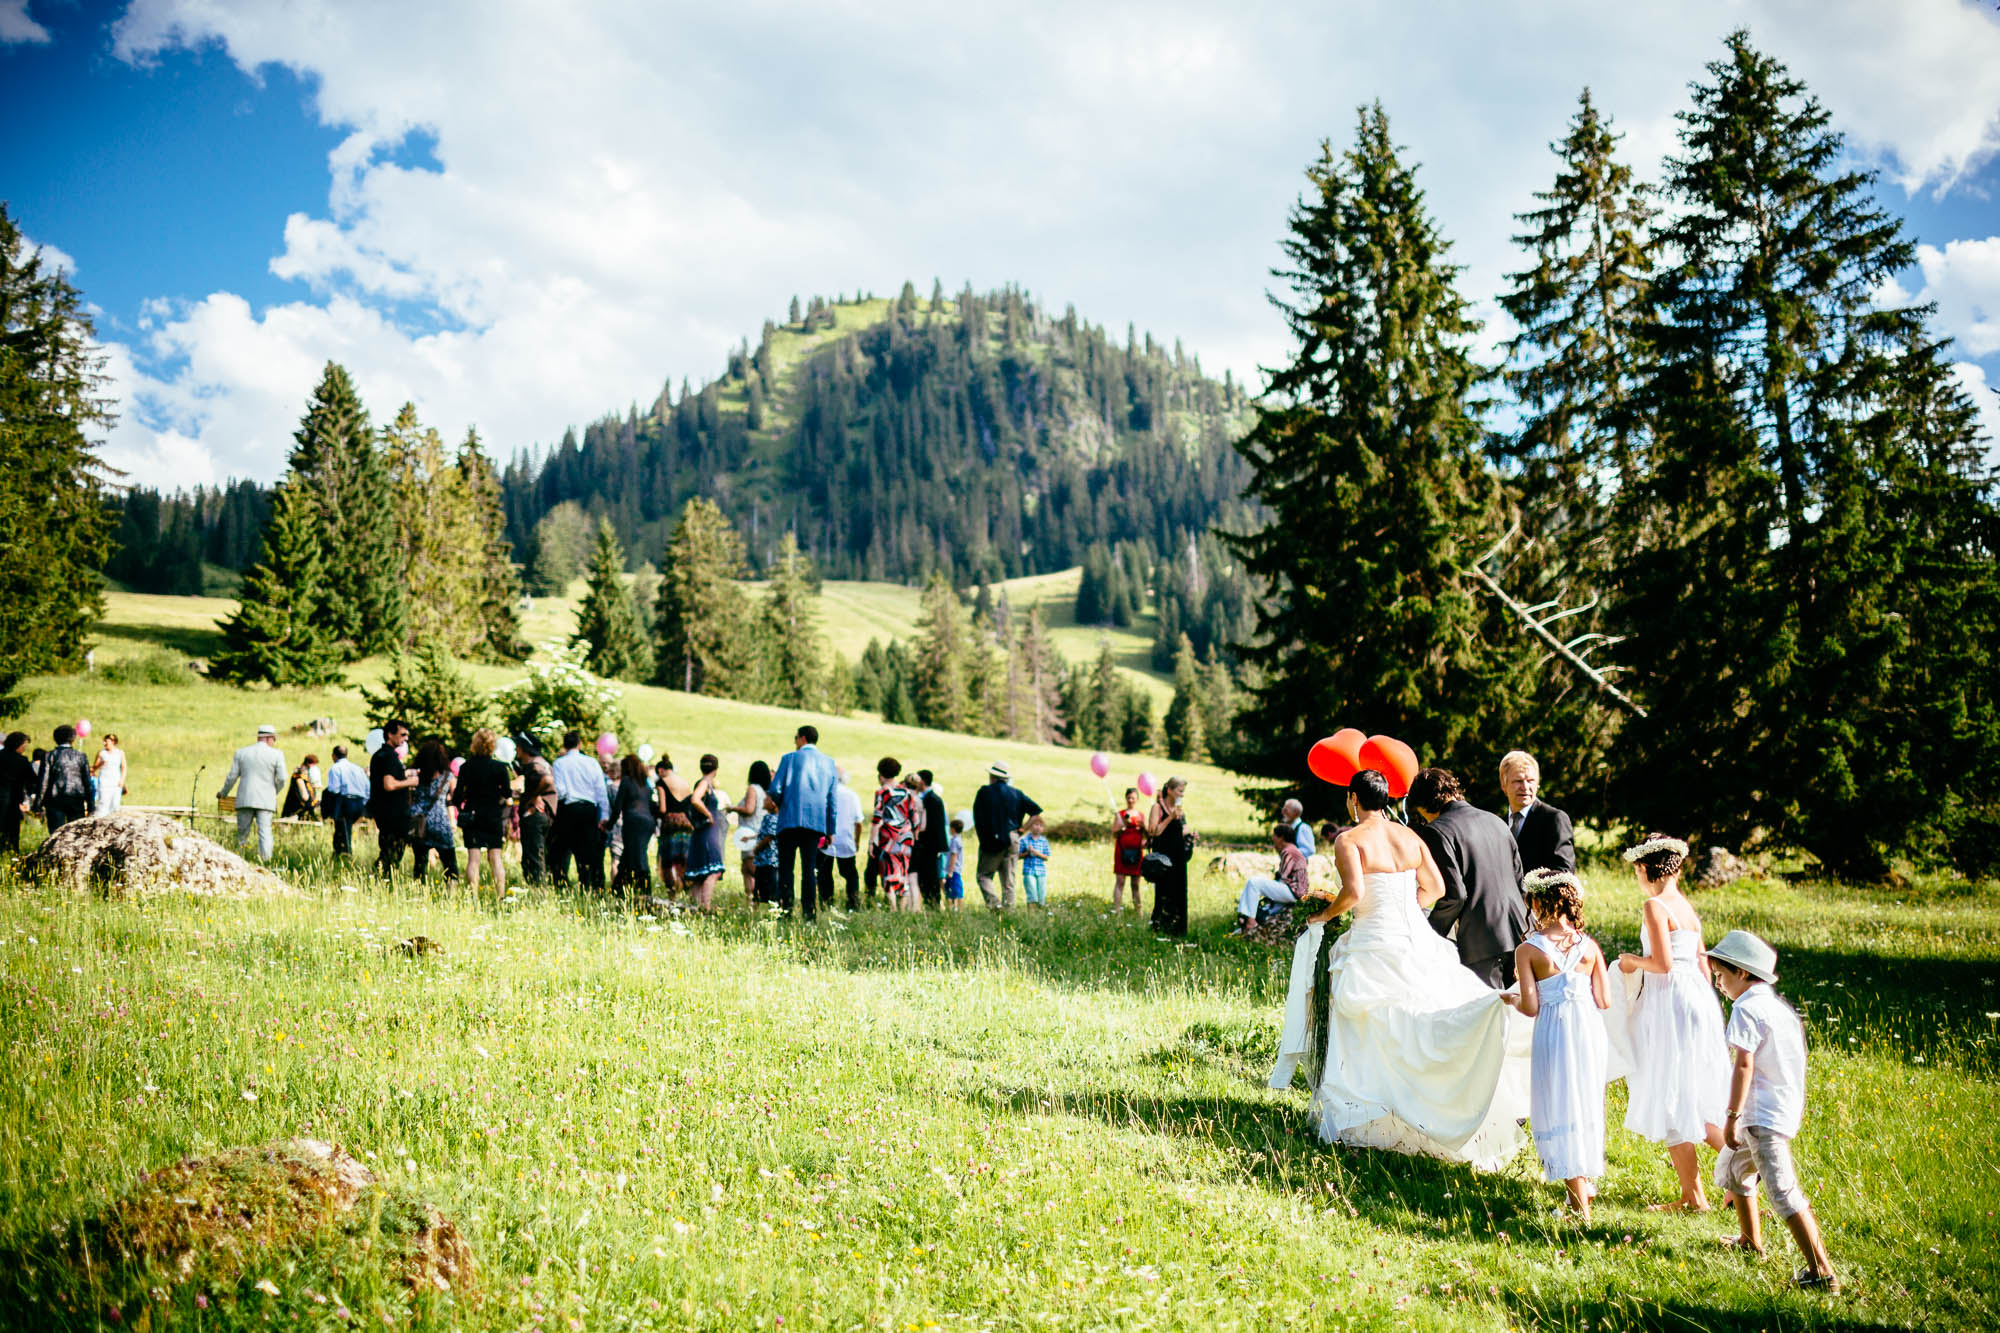 Brautpaar kommt zur Outdoor-Zeremonie